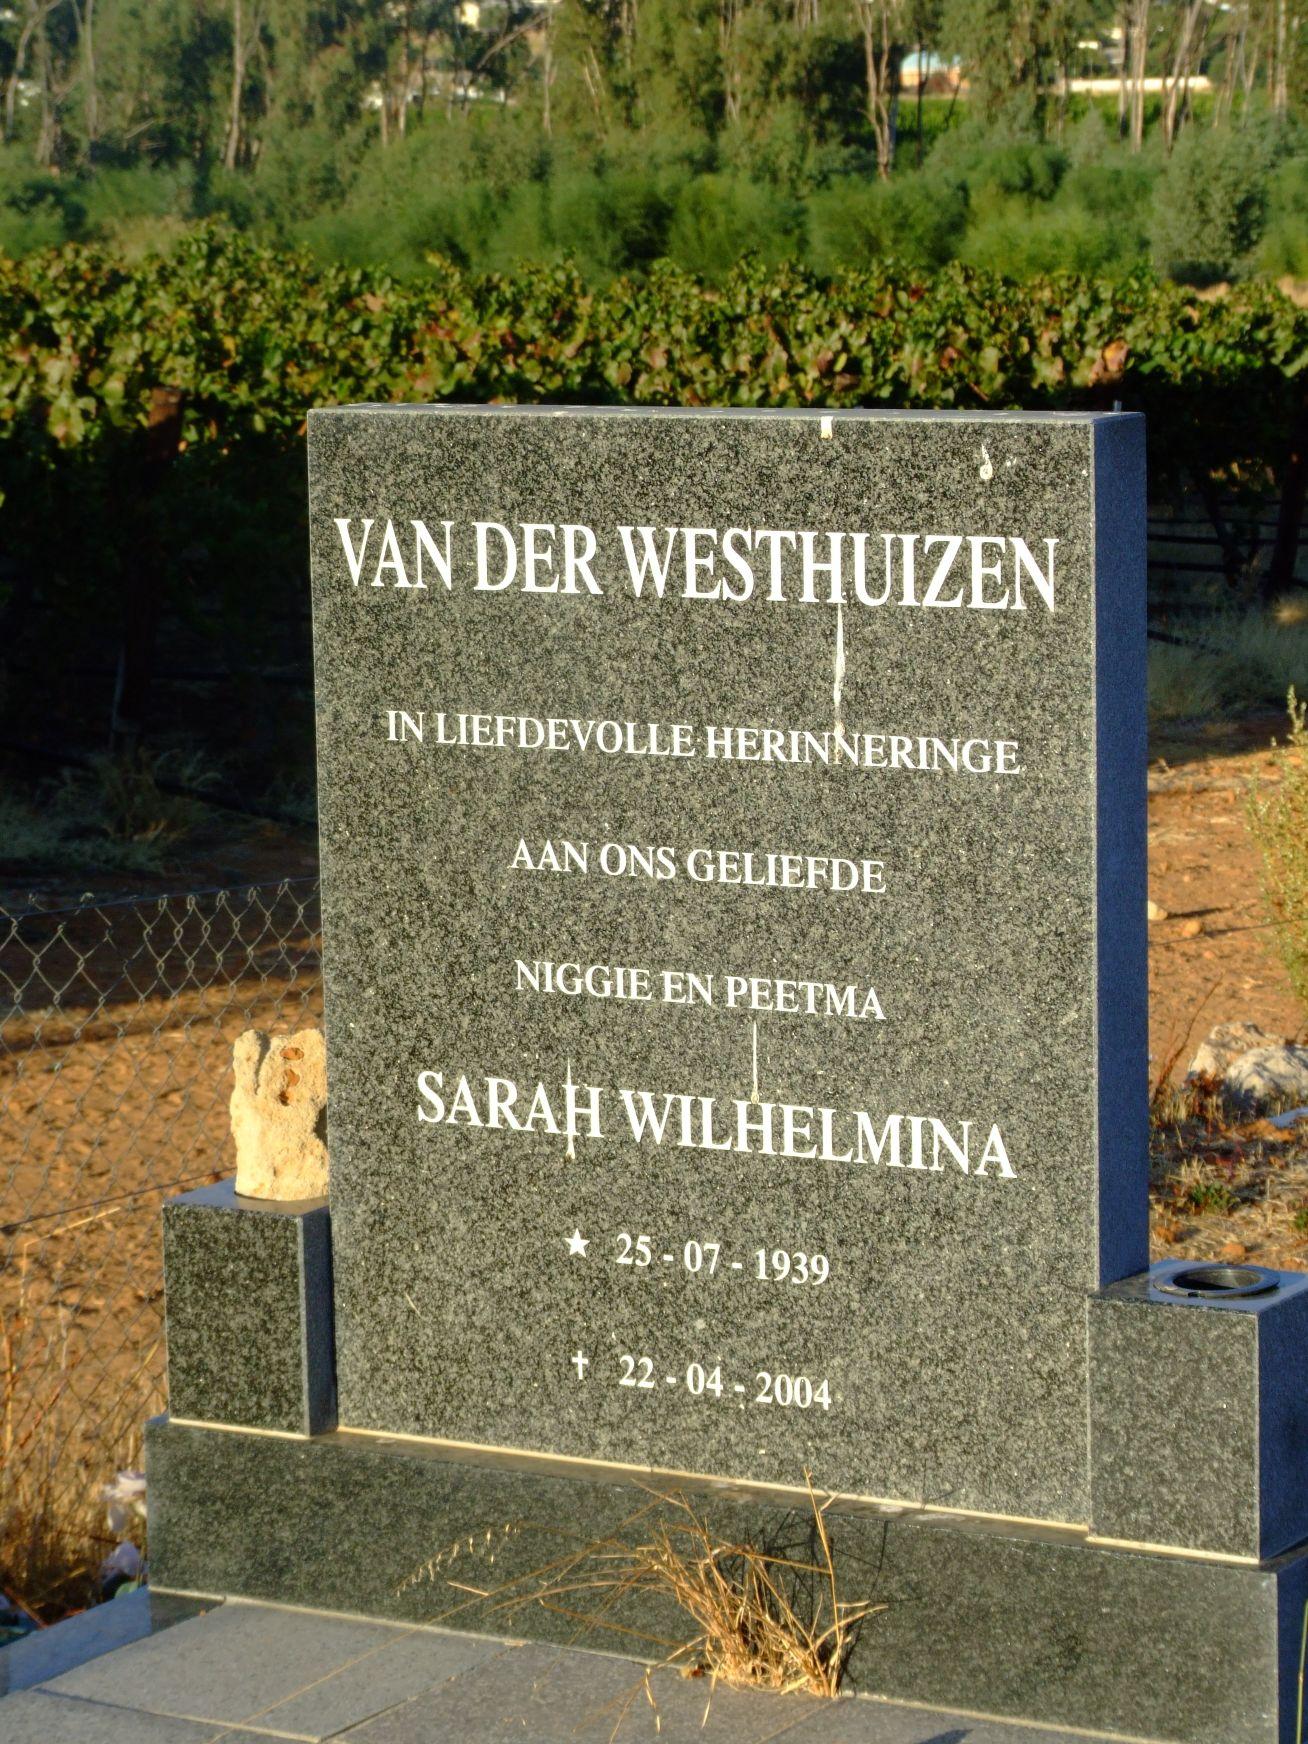 van der Westhuizen, Sarah Wilhelmina